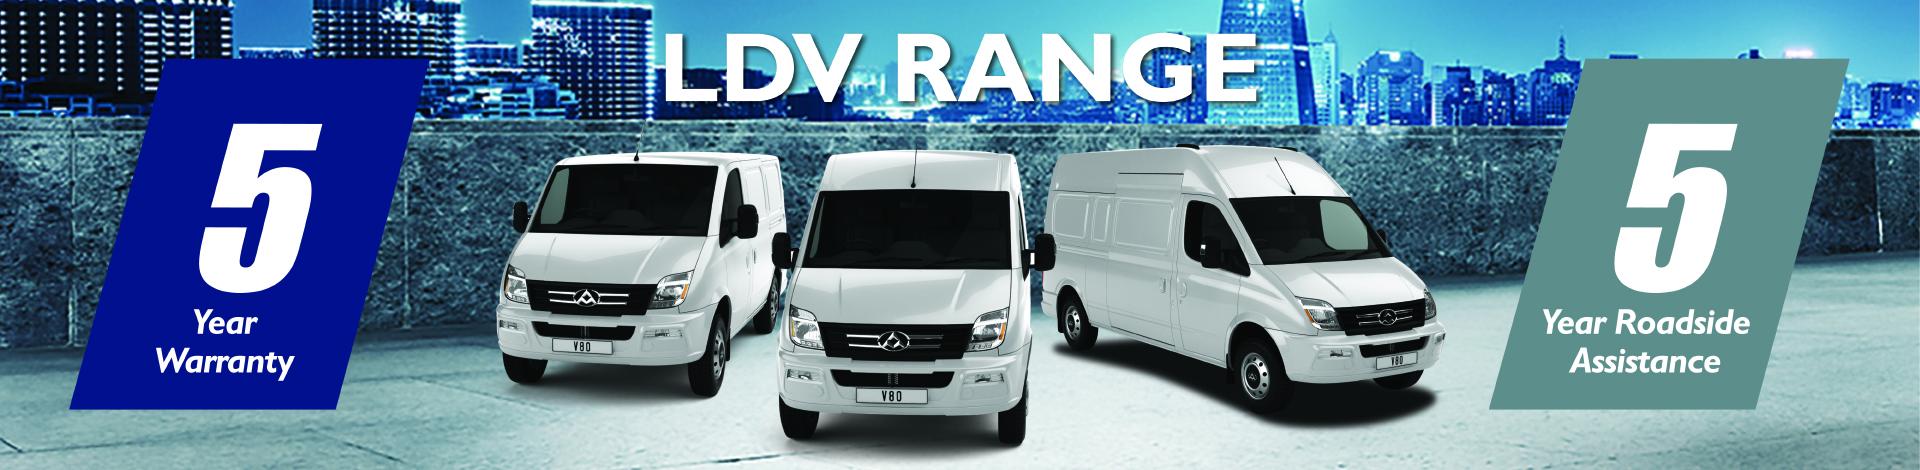 Five-year warranty as standard across the latest LDV range